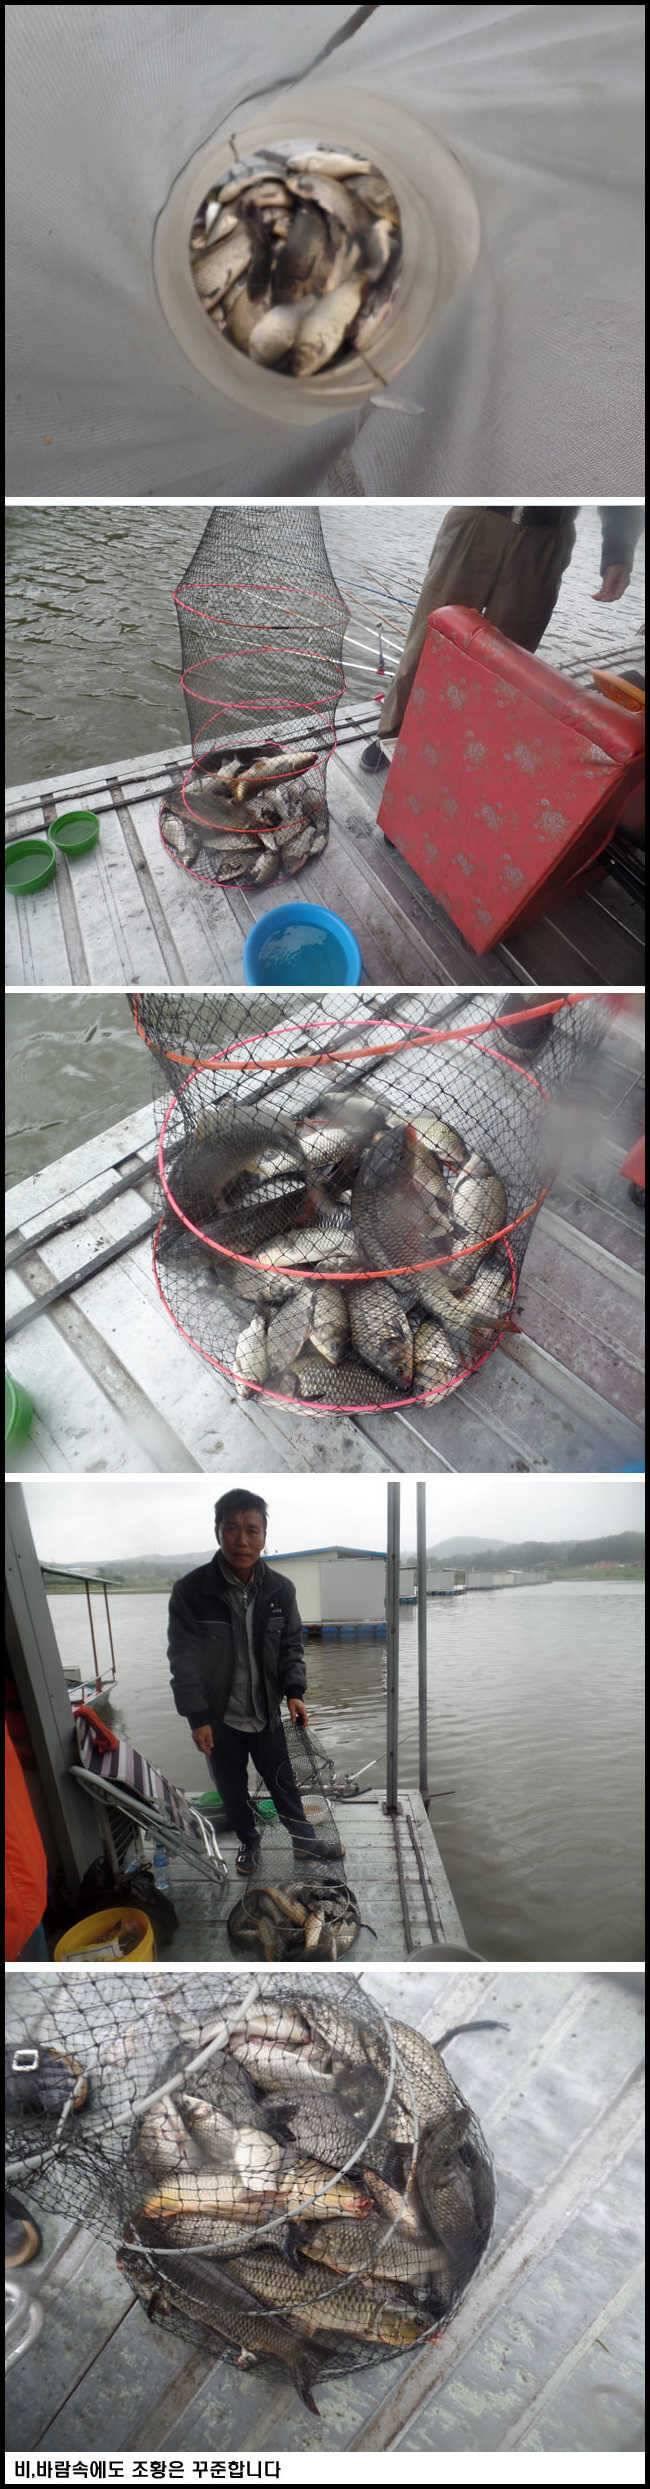 fish_pay_10210991.jpg